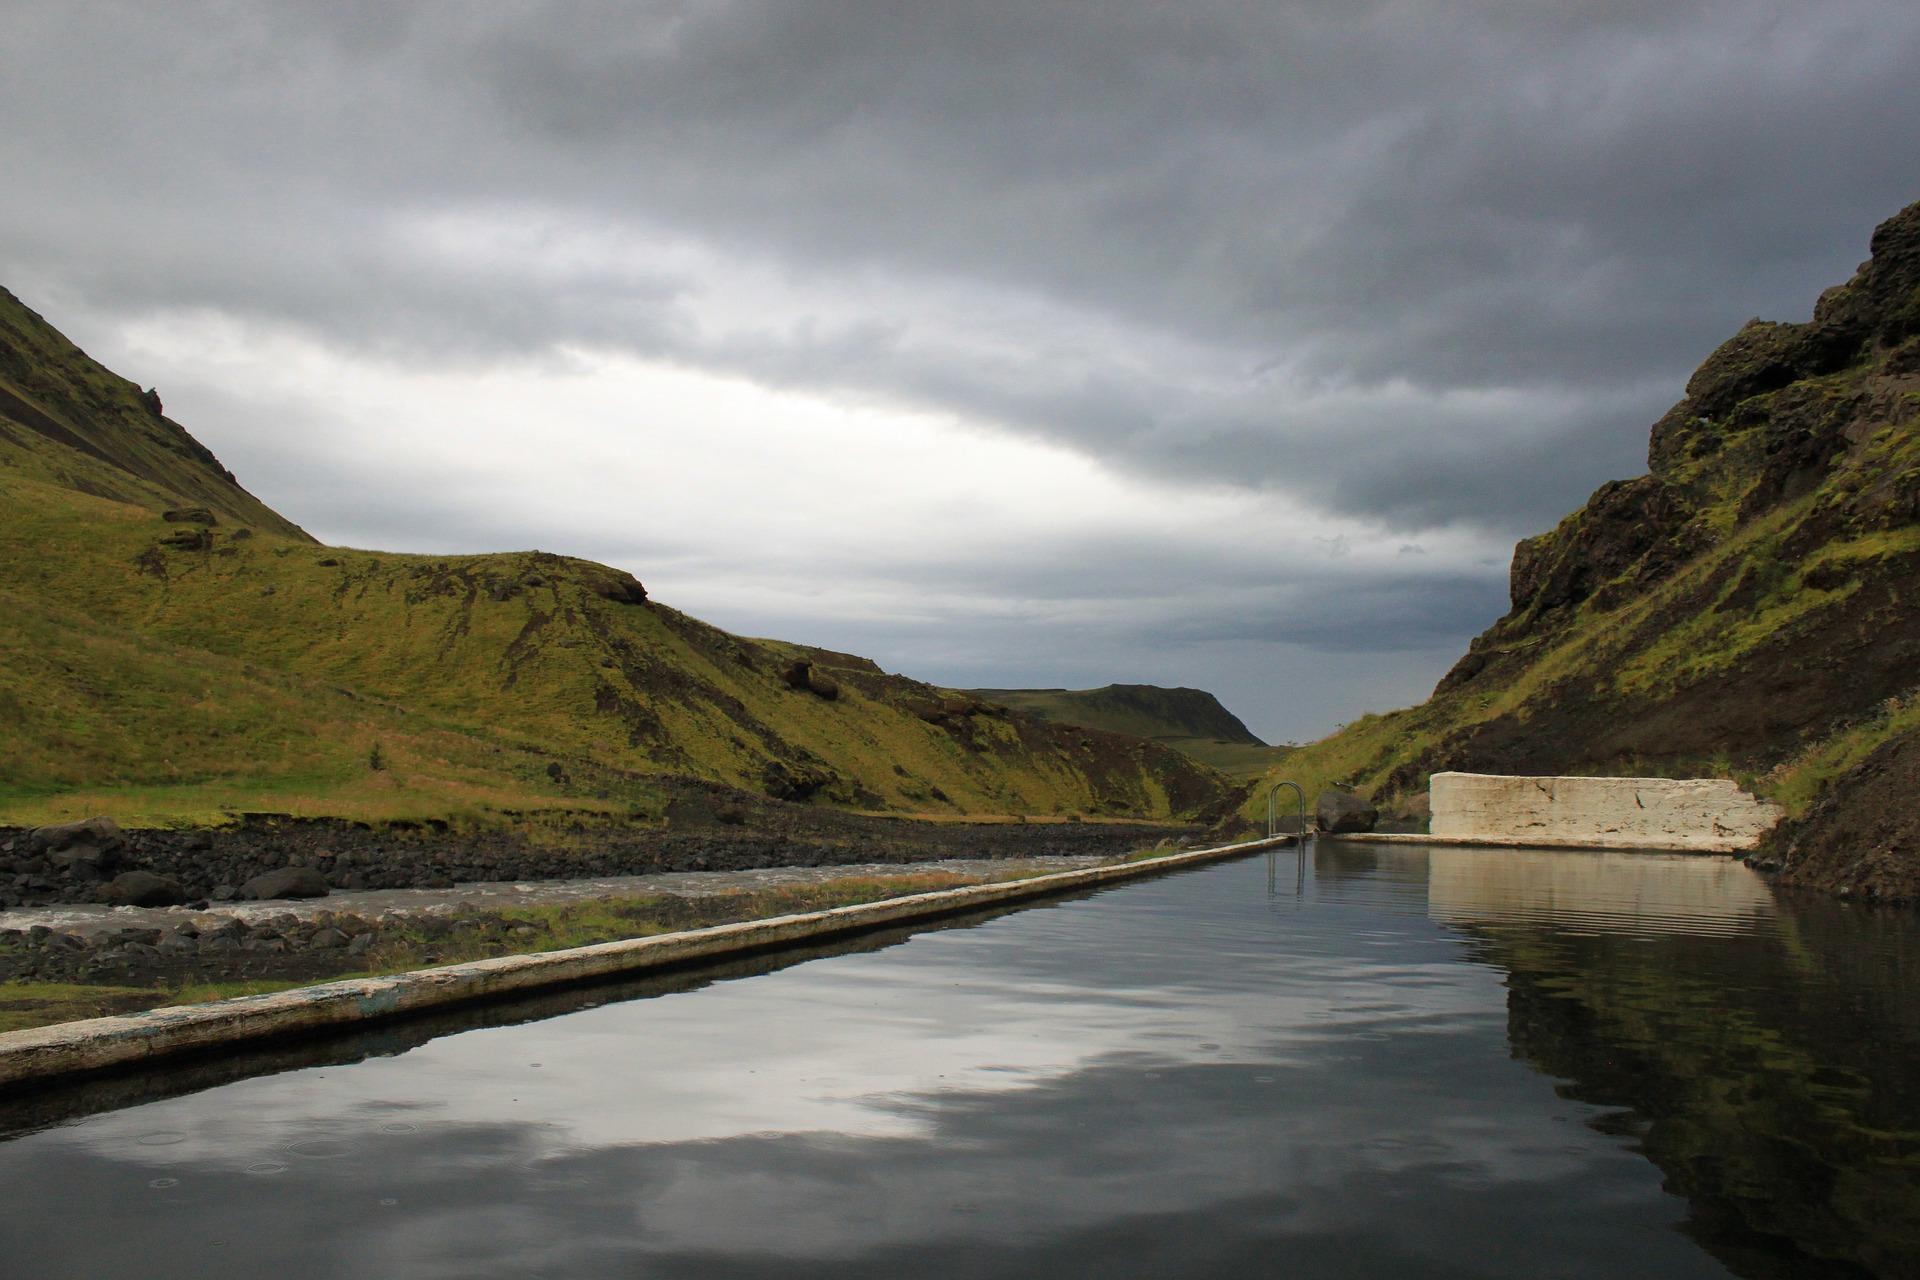 Seljavallalaug outoor pool, Iceland